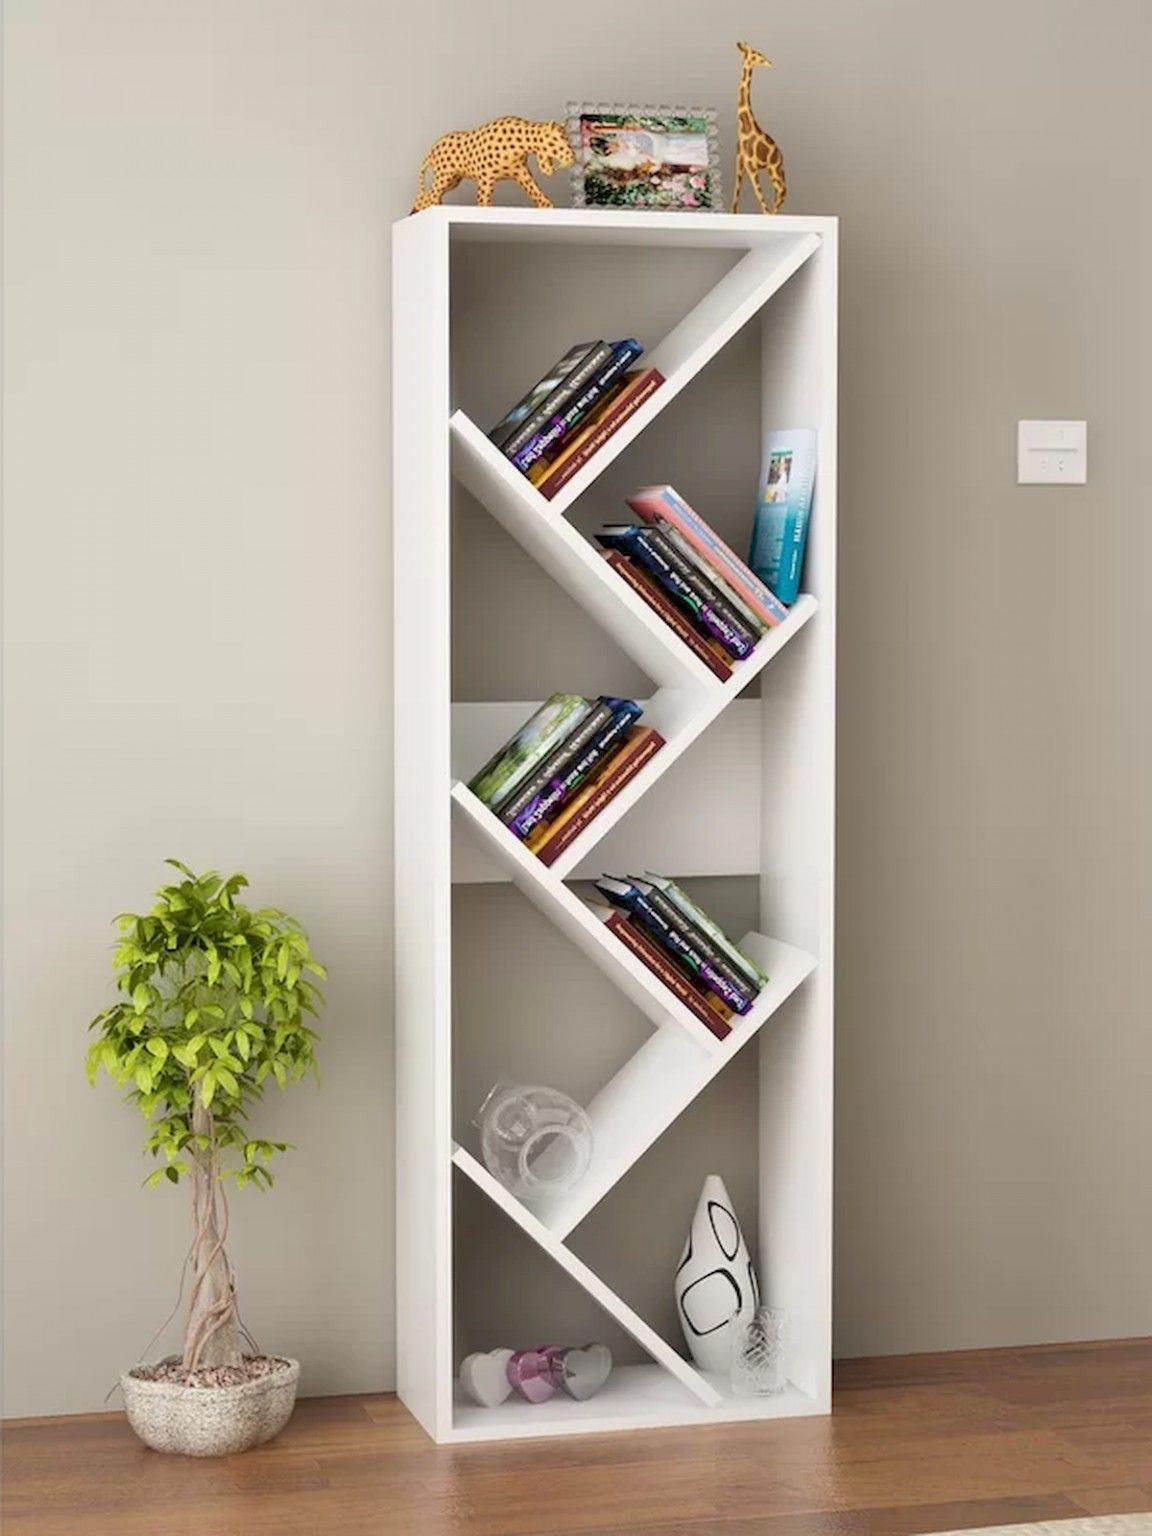 Useful Standard Shelf Dimensions Ideias Estantes Estantes Criativas Idéias De Decoração Para Casa